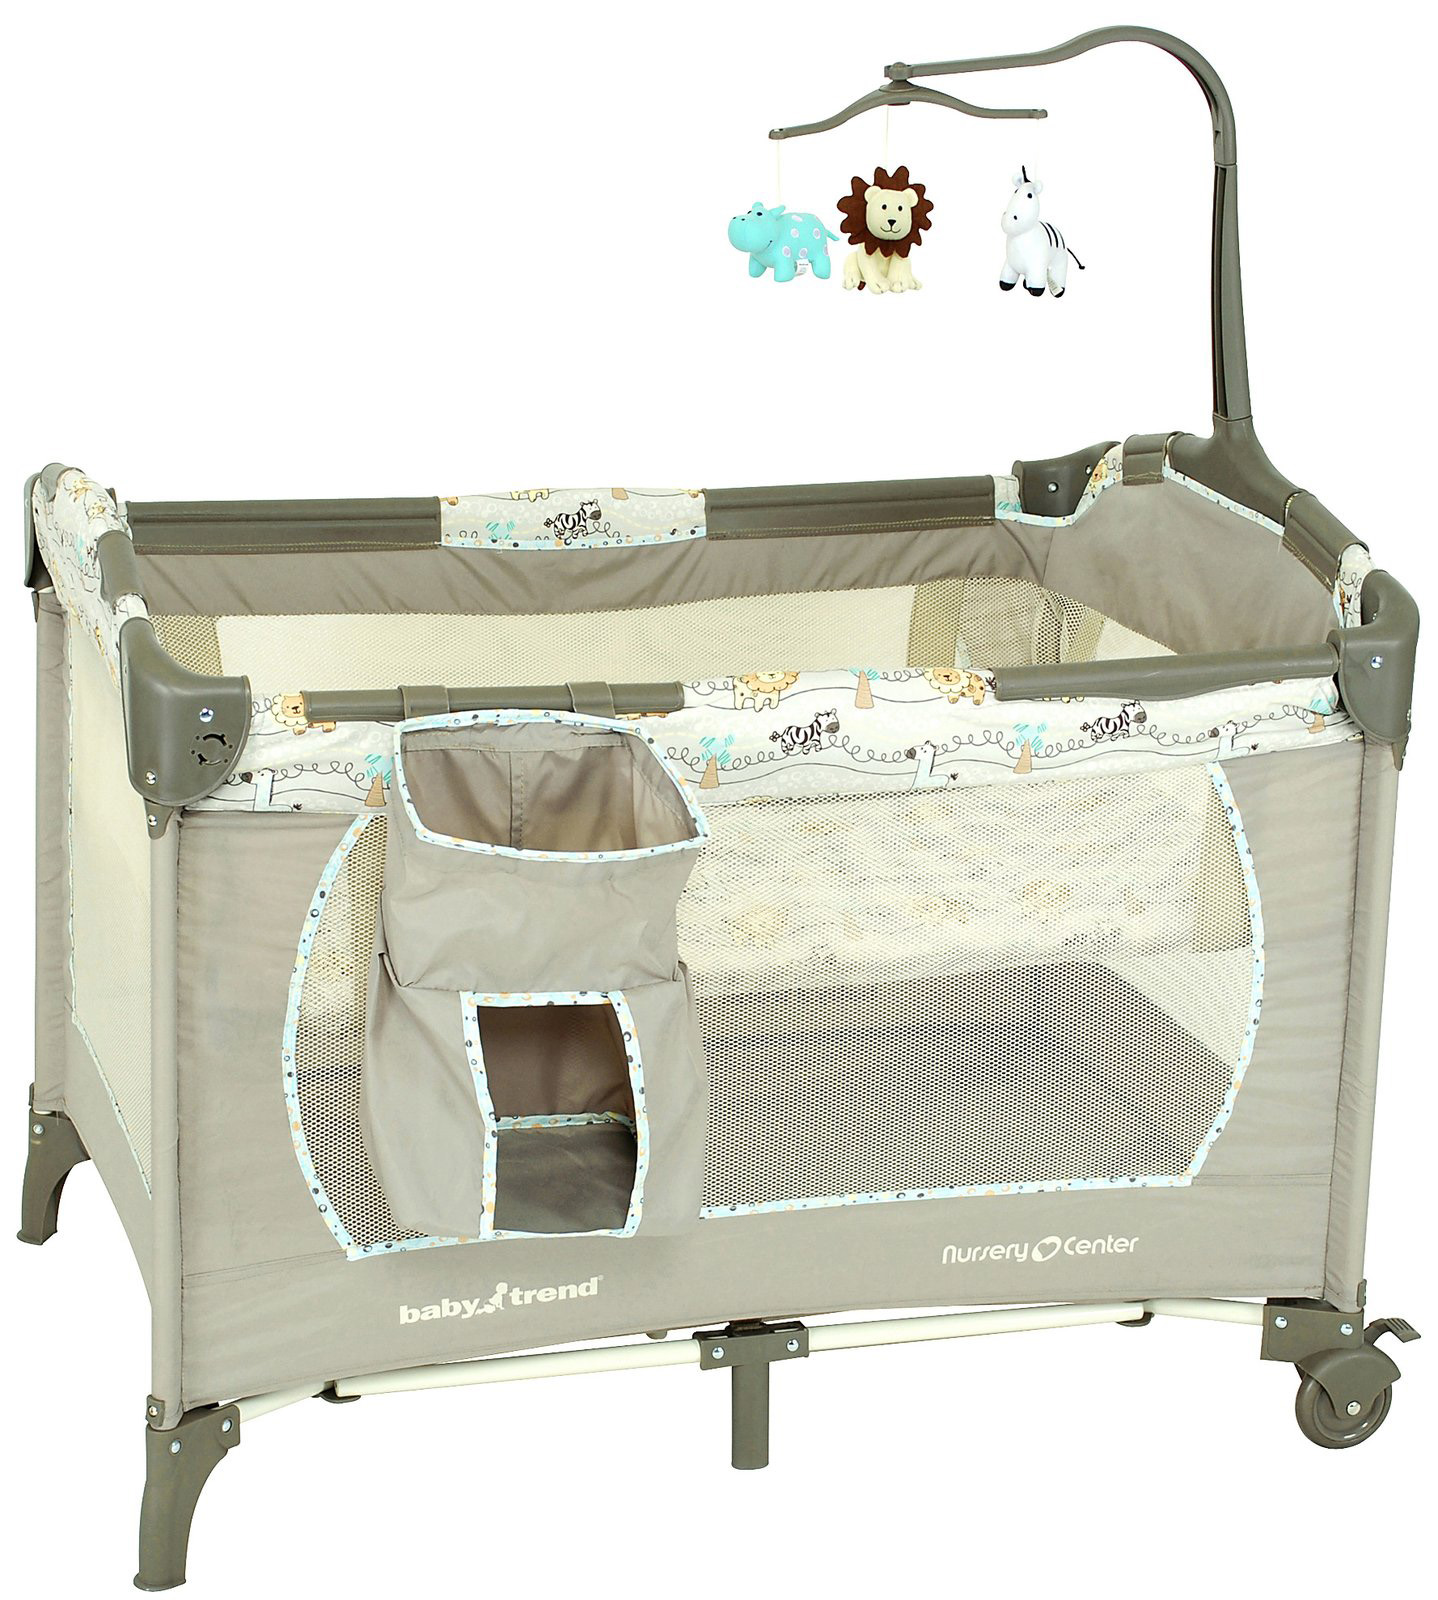 Habitación del bebé: Cunas prácticas y livianas